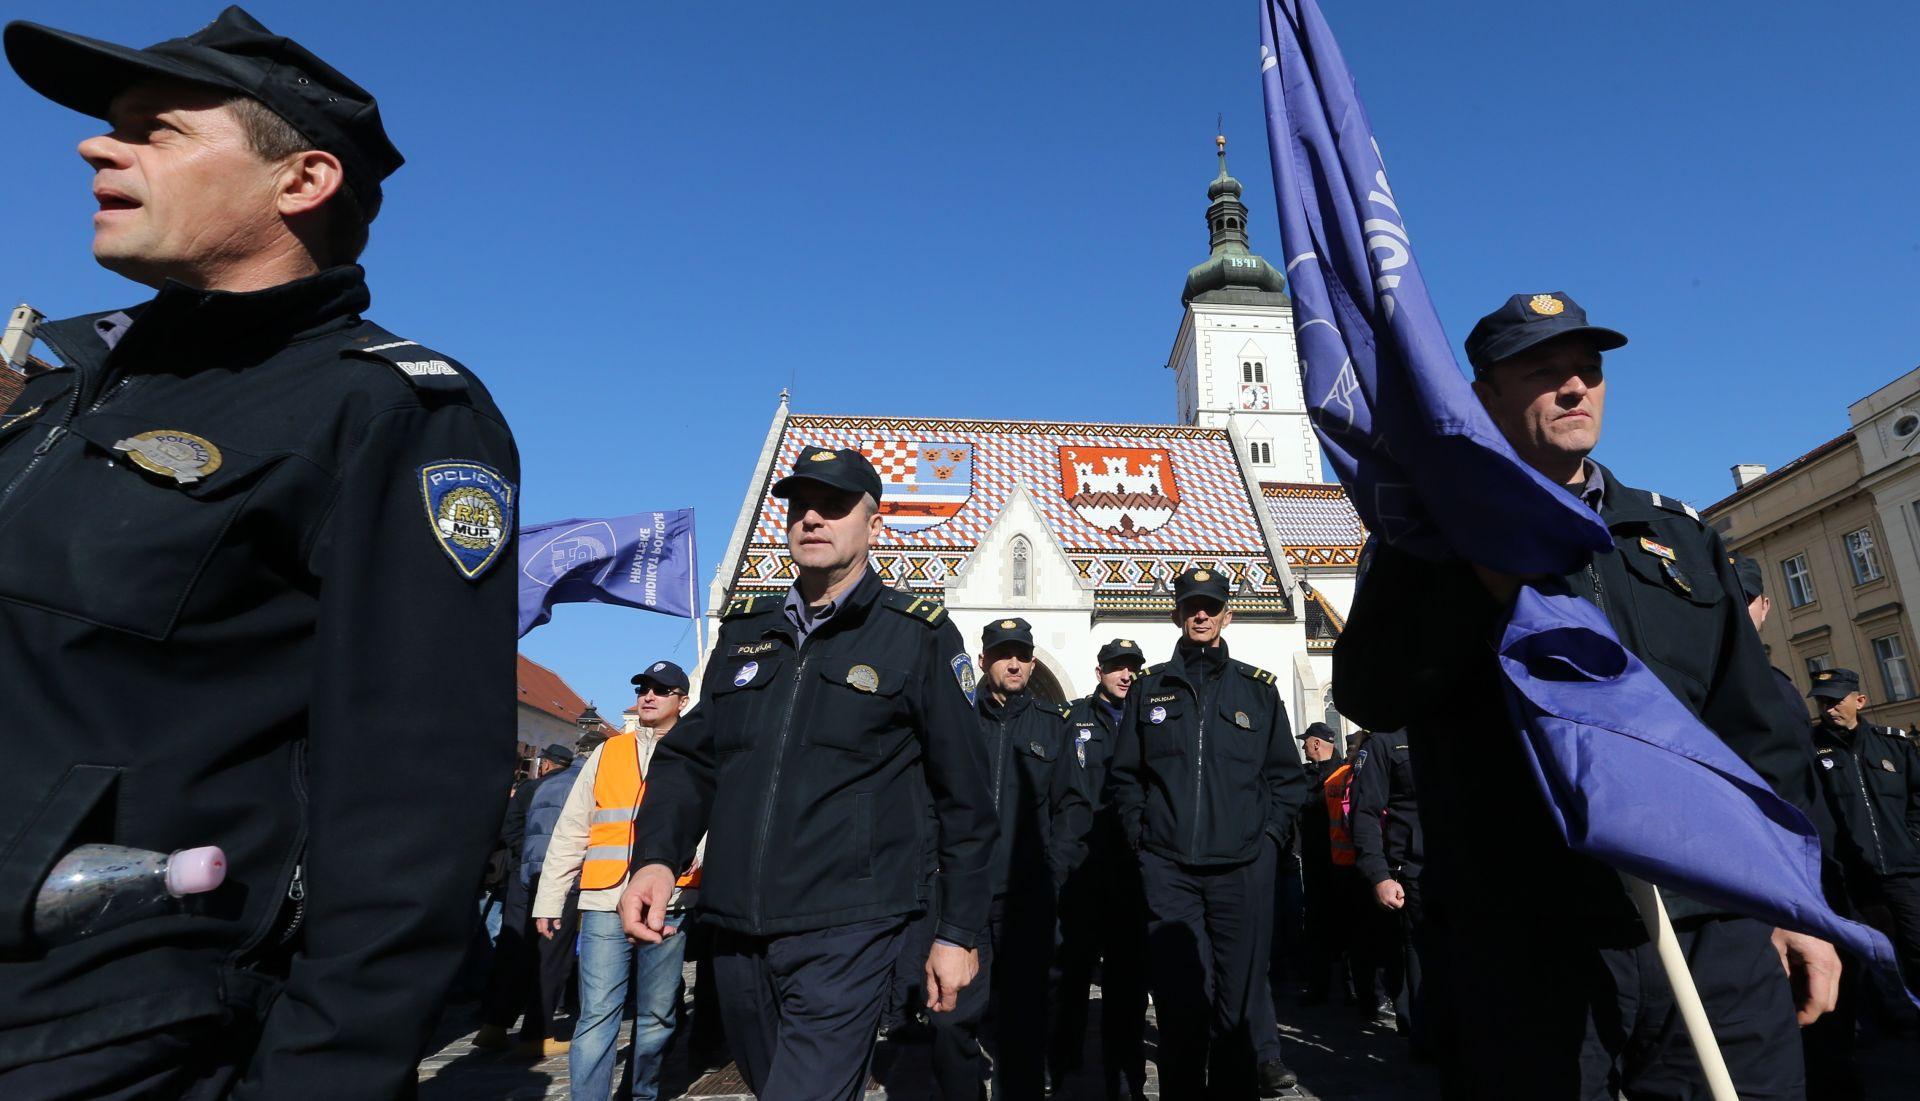 Sindikat policijskih službenika pokrenuo peticiju zbog ponovne odgode prava na otpremninu